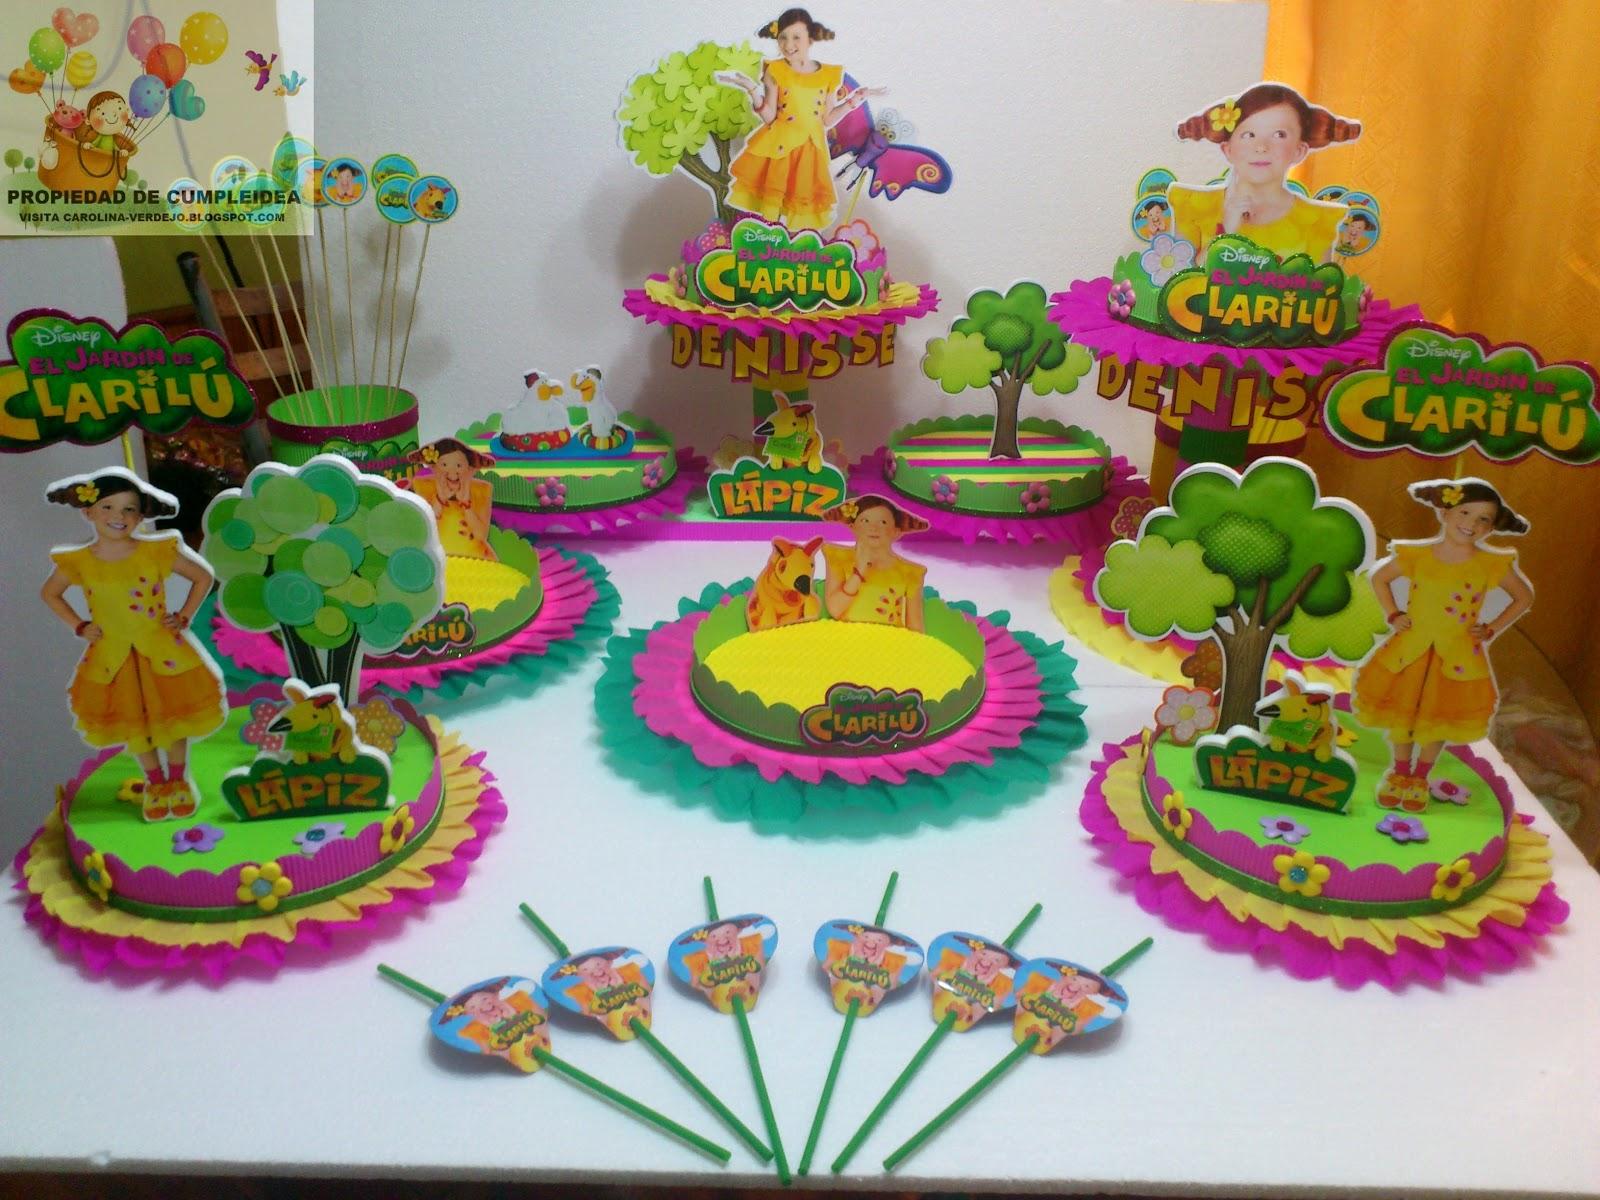 Decoraciones infantiles el jardin de clarilu - Decoraciones de jardin ...